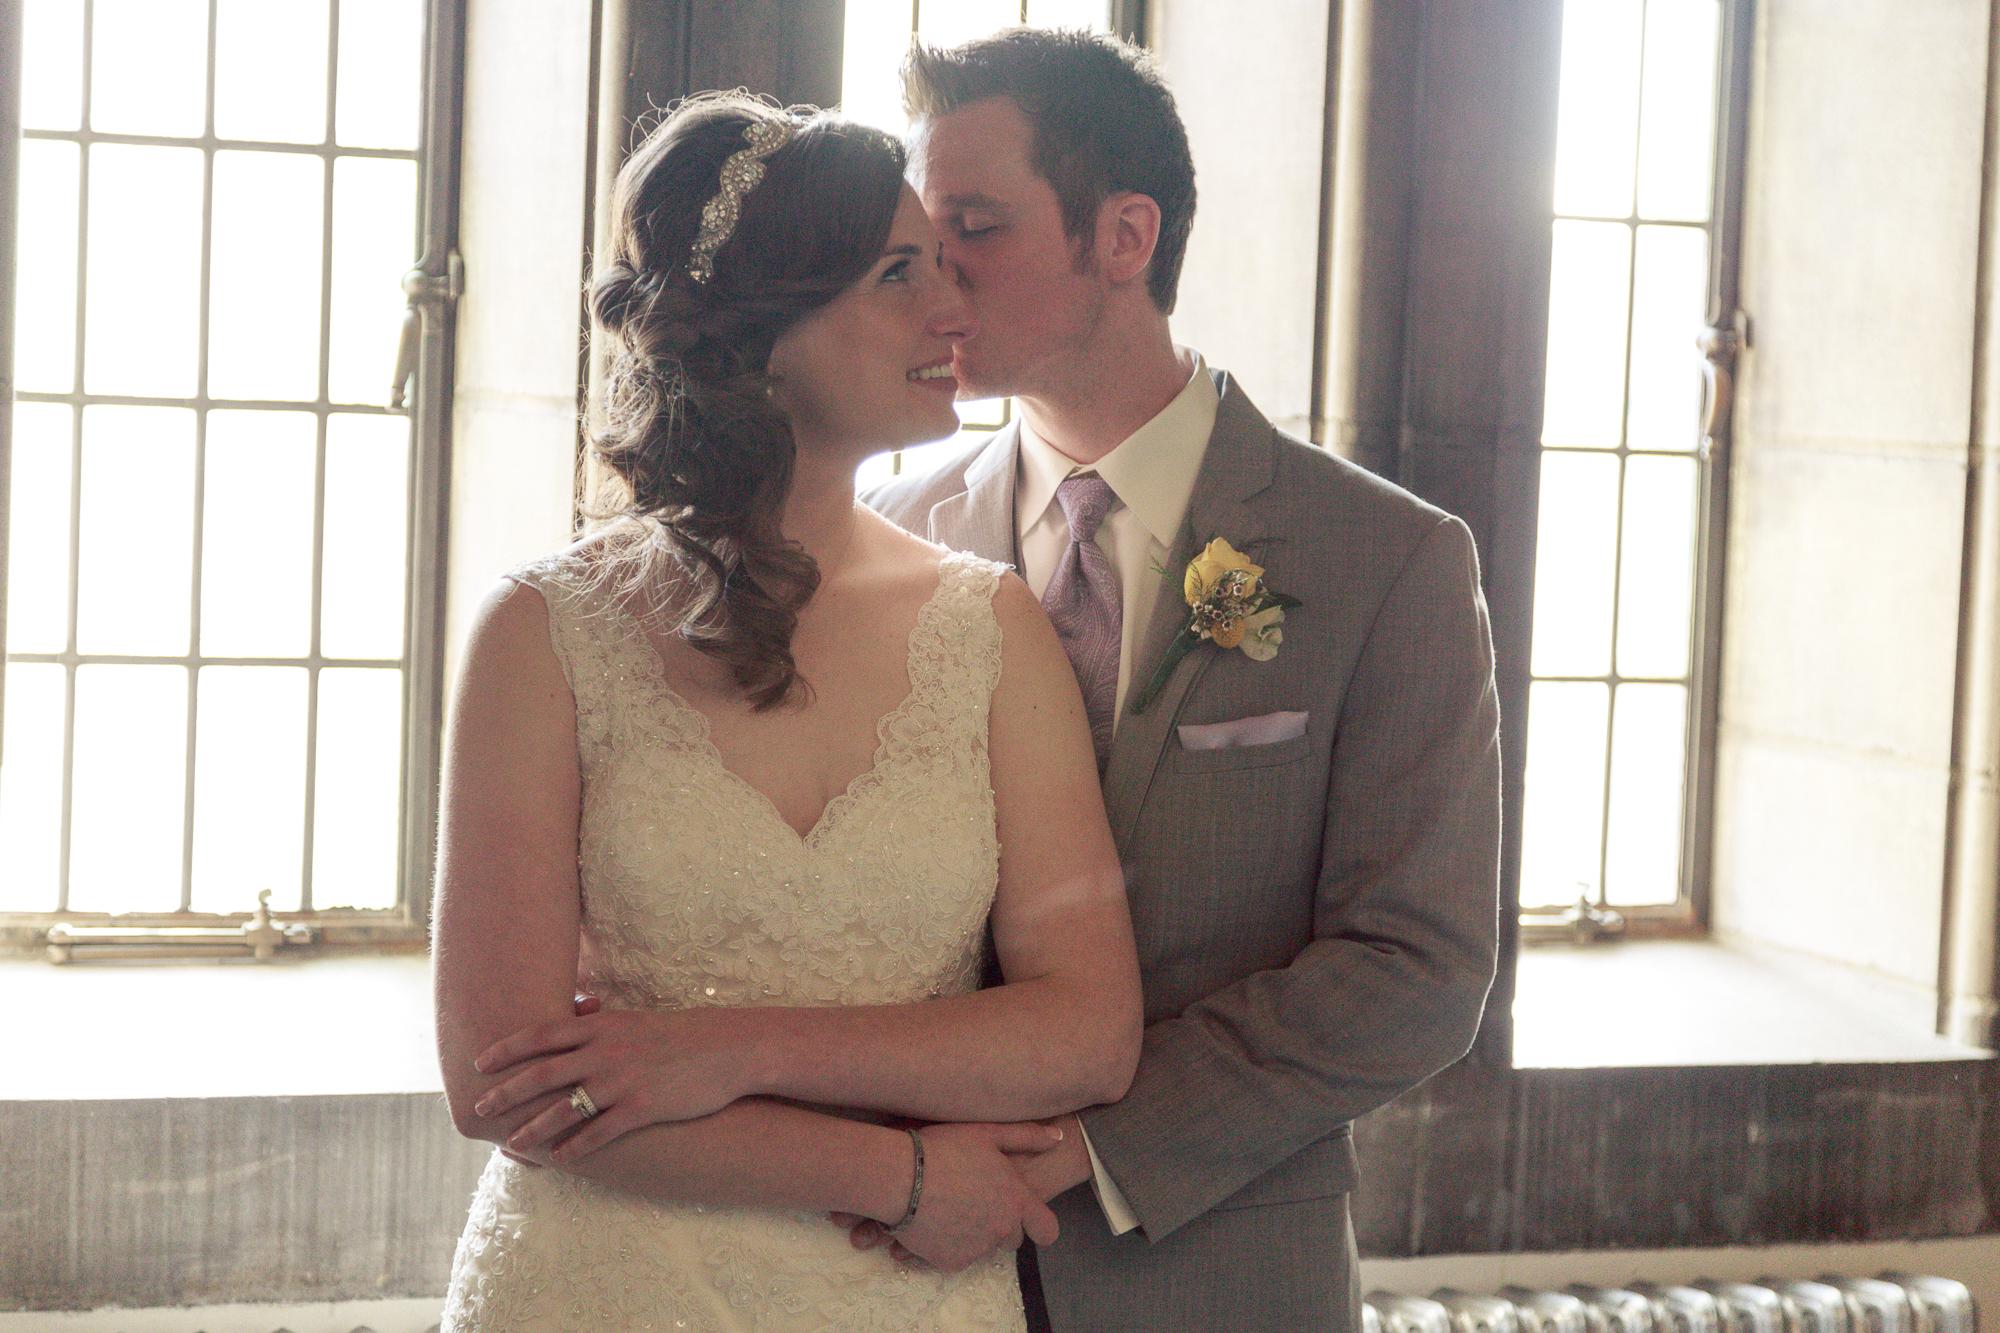 scranton-wedding-photography-zak-zavada-poconos--kellyGeoff-030.jpg